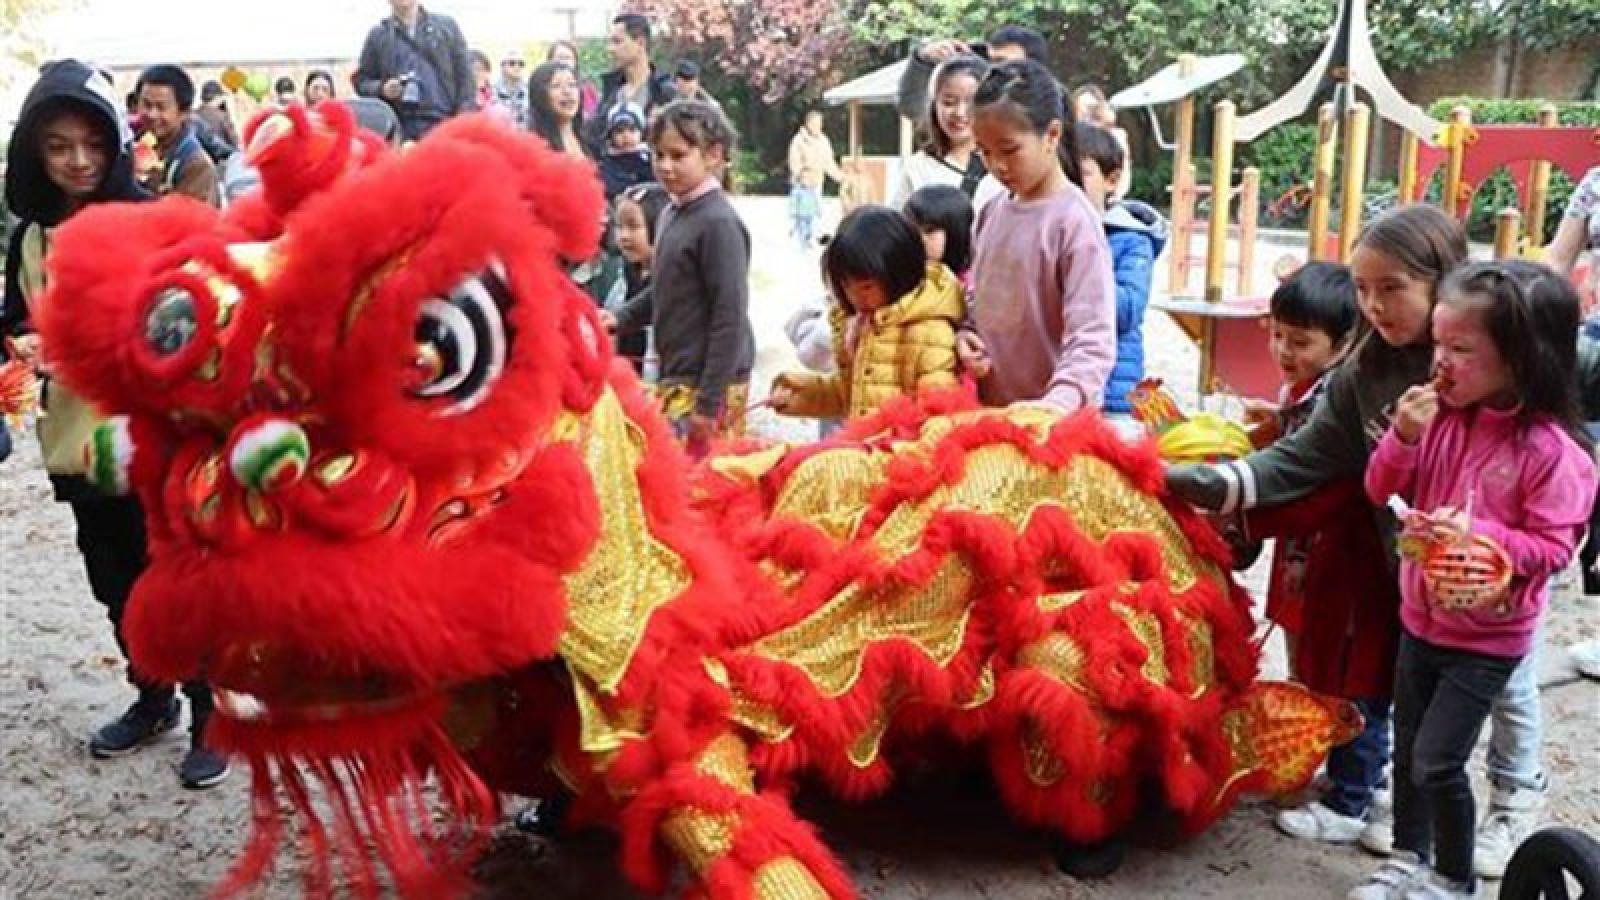 Vietnam Family Day in Belgium held